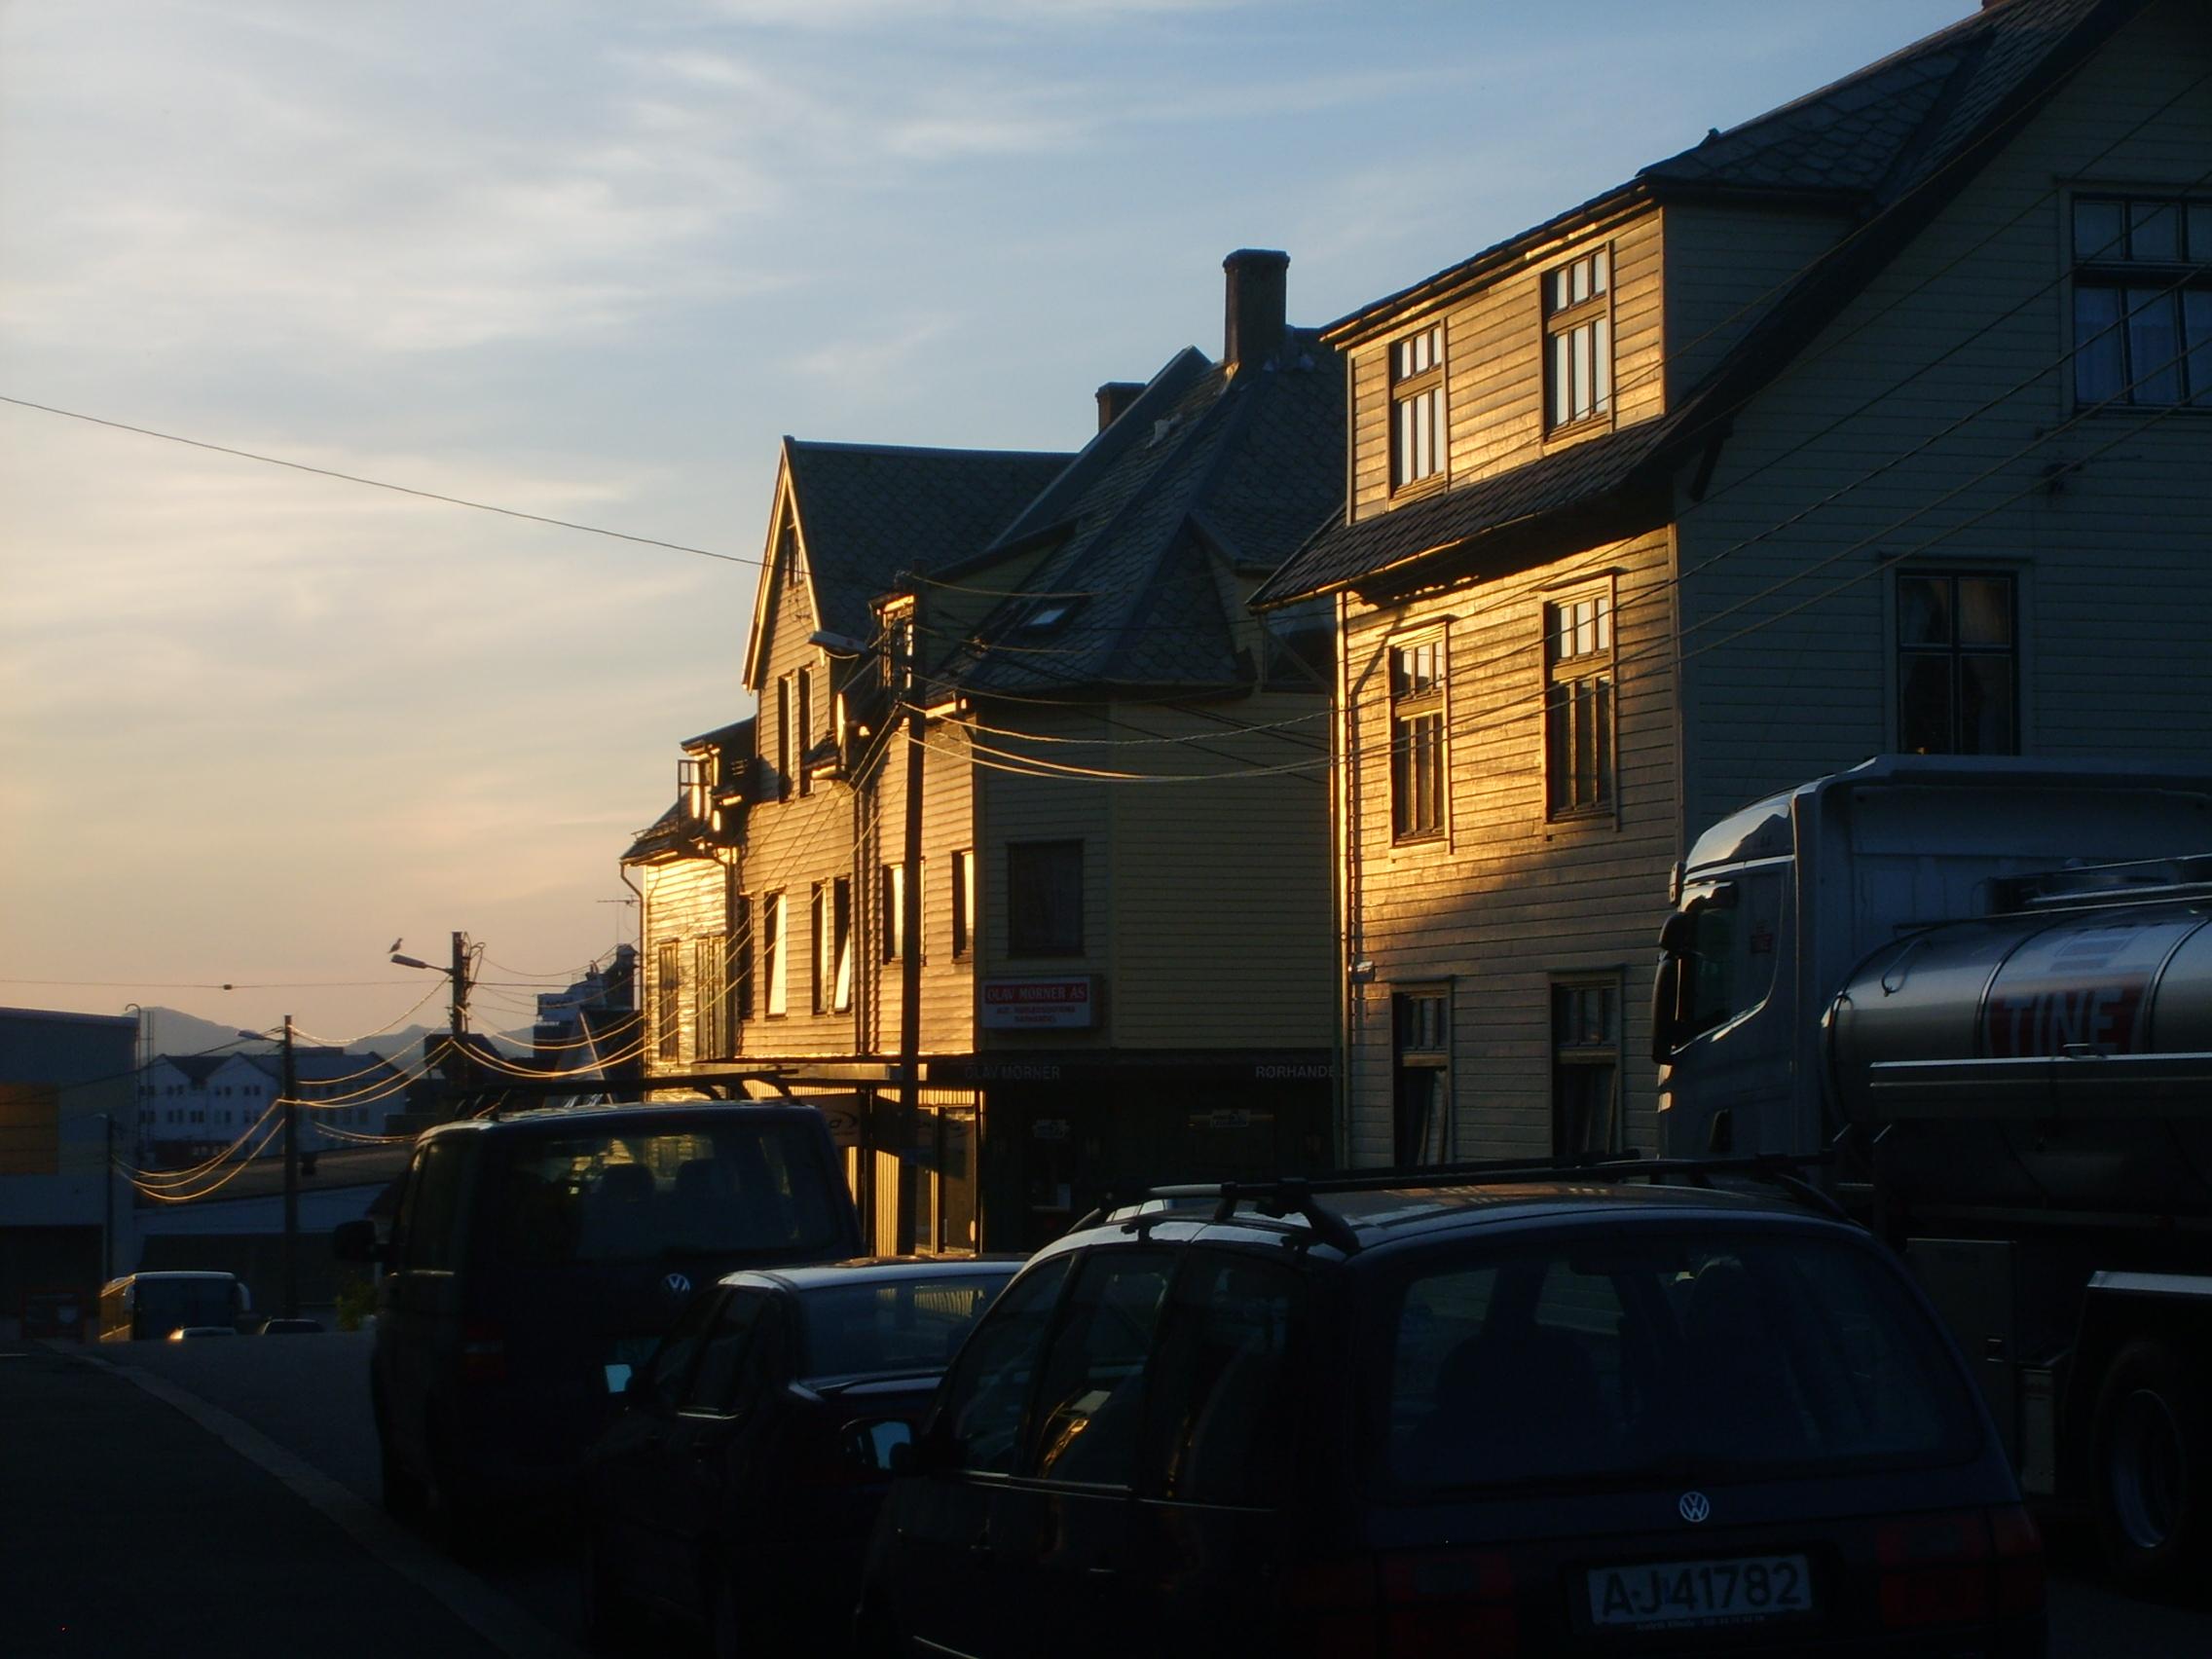 Håsteinsgate